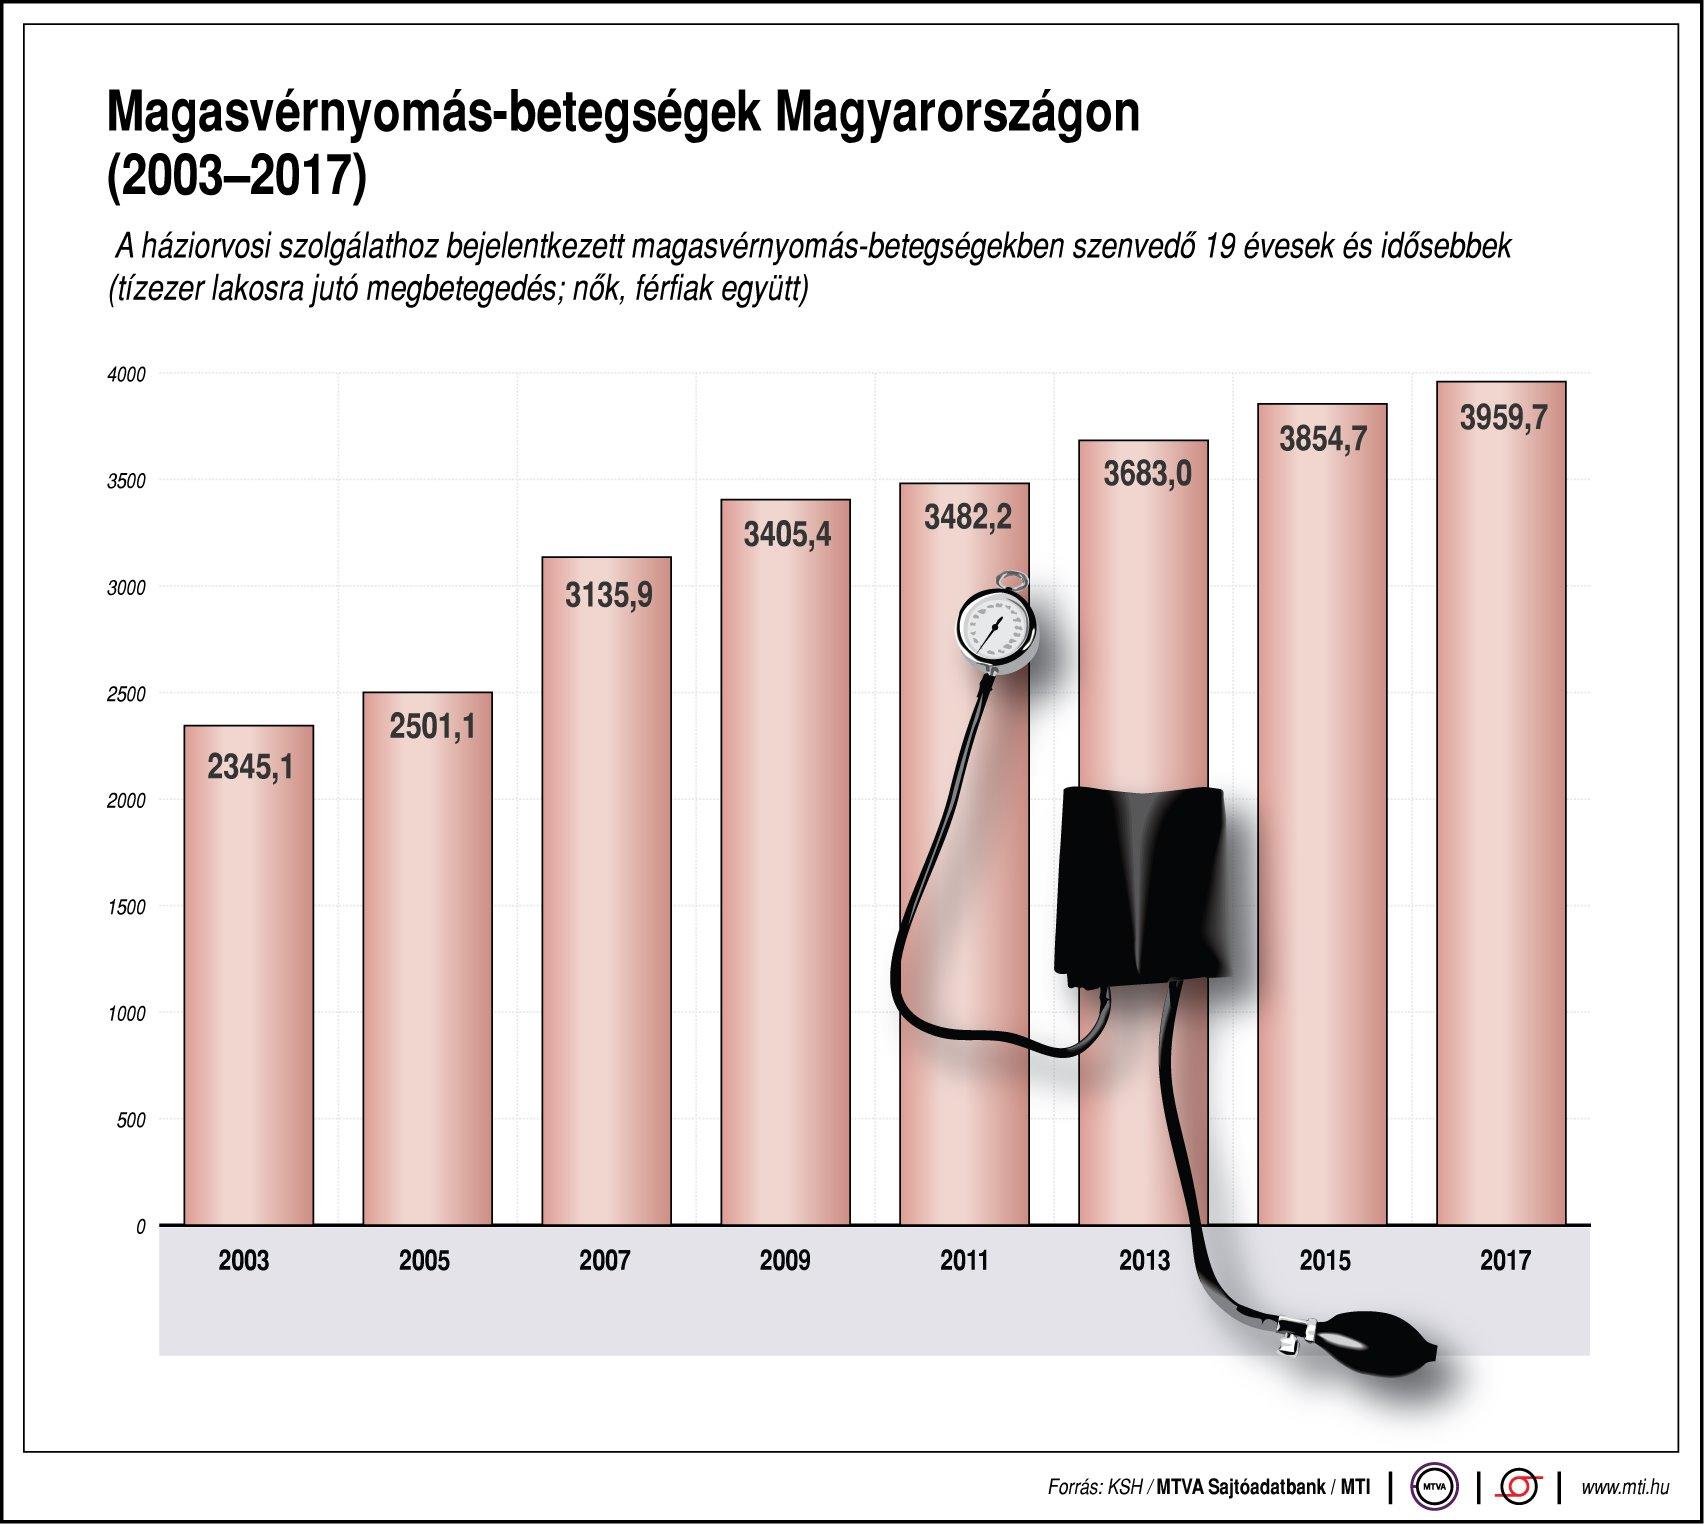 magas vérnyomás WHO adatai a magas vérnyomás kardiológiai okai